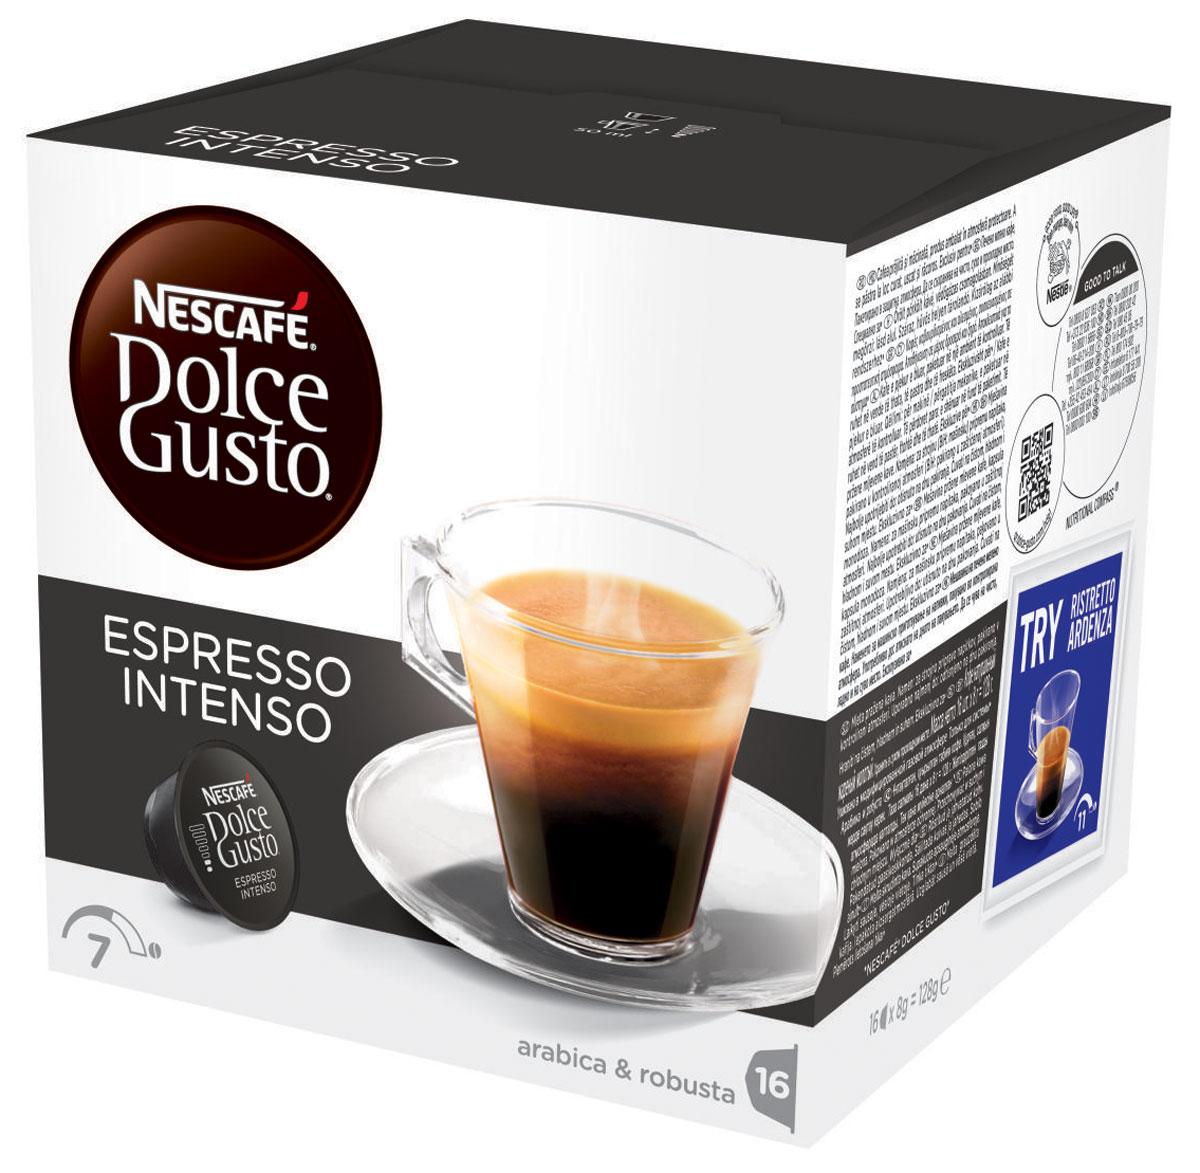 Nescafe Dolce Gusto Espresso Intenso кофе в капсулах, 16 шт12045793Если вы любите выпить чашечку эспрессо после ужина, вам понравится и капсульный эспрессо Intenso из кофе средней прожарки. Intenso обладает изысканным ореховым ароматом, который добавляет дополнительную изюминку в вашу чашку. Теплая пряность и намеки на спелые летние фрукты придают этому капсульному кофе изысканную сложность с великолепным вкусом, подходящим для любого времени суток. Благодаря максимальному давлению до 15 бар в кофемашинах Nescafe Dolce Gusto, эти капсулы не только создают вкусный эспрессо, но и оформляют ваш напиток аппетитным слоем пенки. Шелковая пенка медового цвета дополняет великолепный вкус вашего Intenso из капсулы эспрессо с самого первого глотка. Восхитительные ароматы миндаля и вишни делают эспрессо Intenso идеальным для смакования после ужина с друзьями или просто как приятный способ отвлечься от забот.